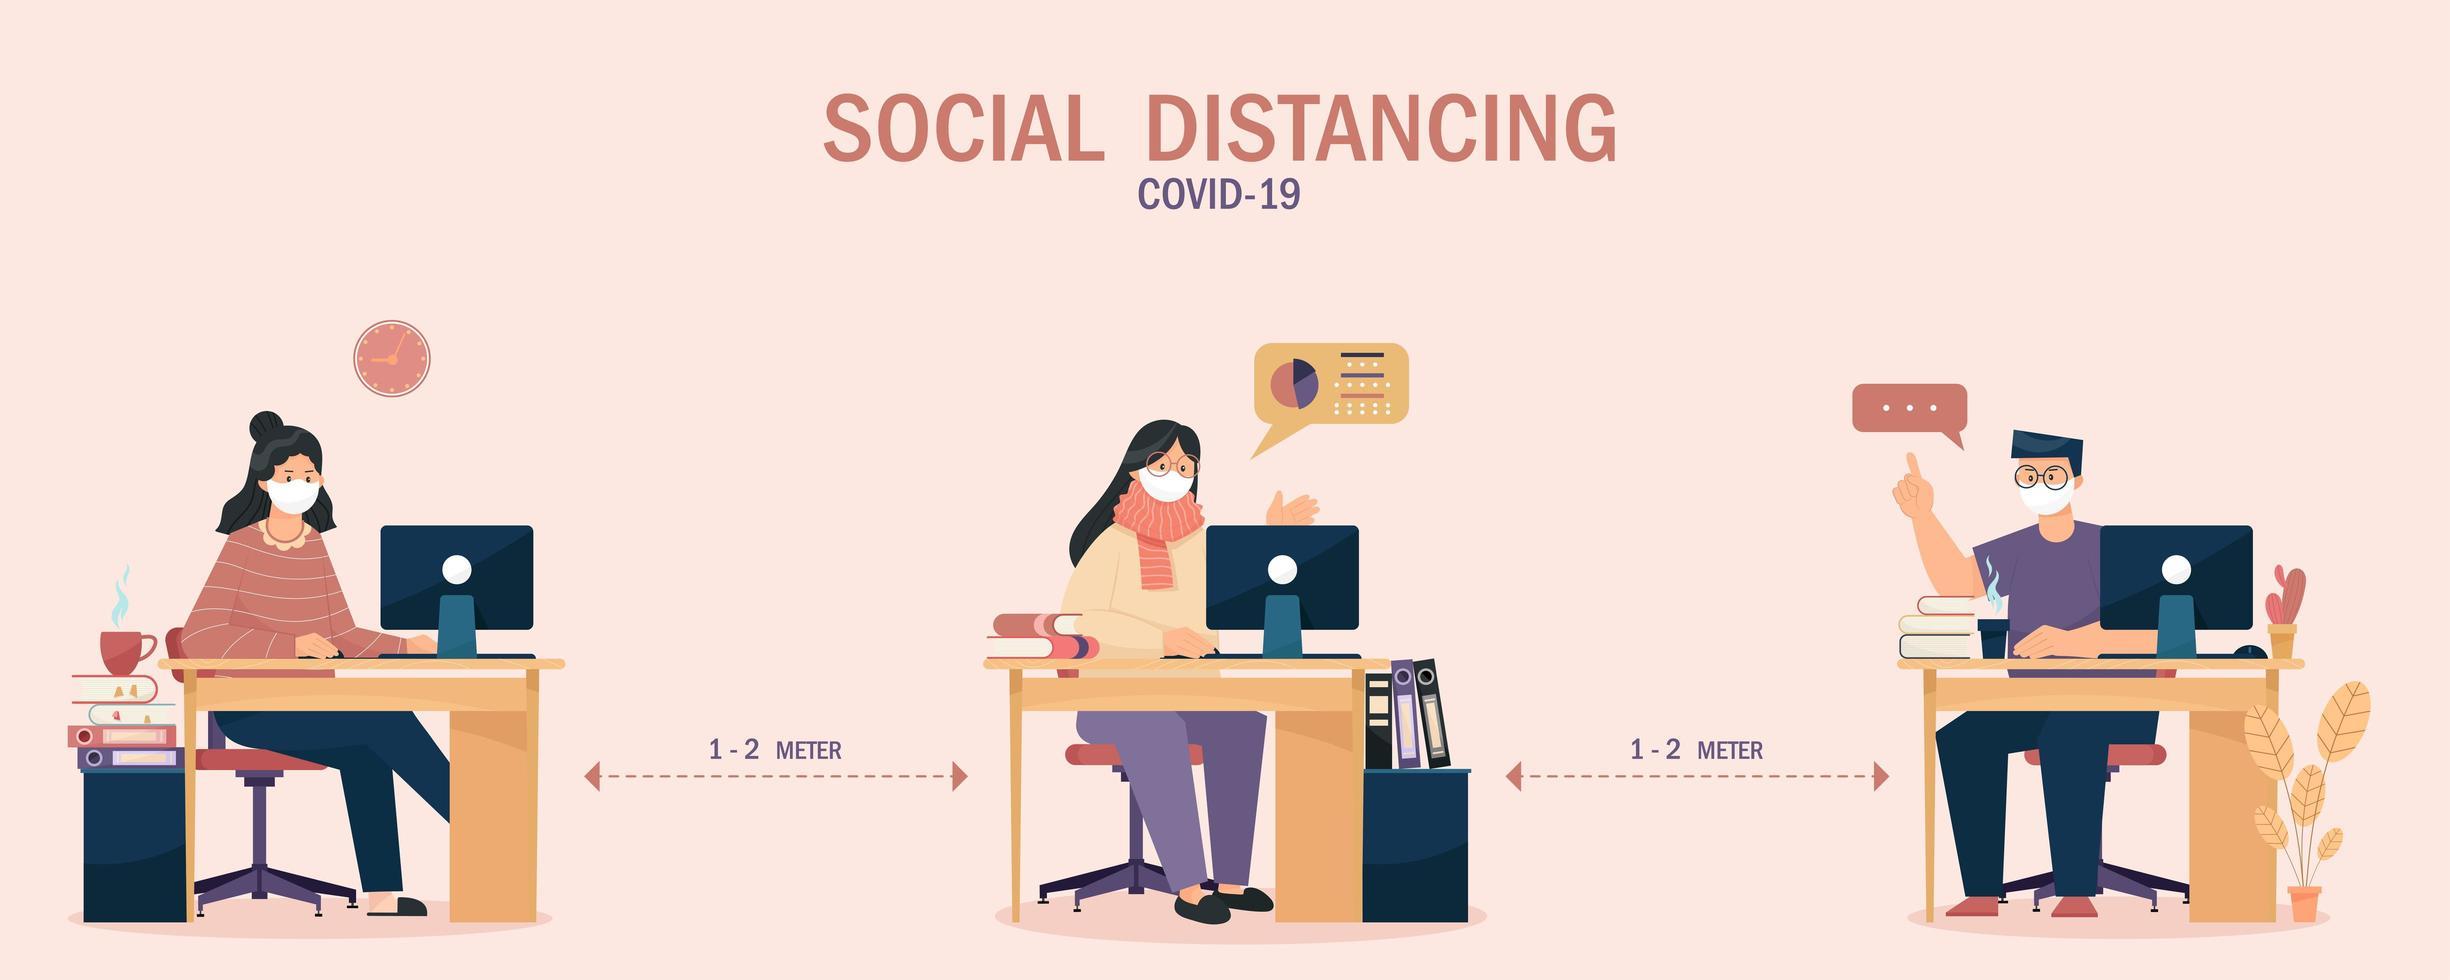 sociale afstand tussen werkenden om covid-19 te voorkomen vector